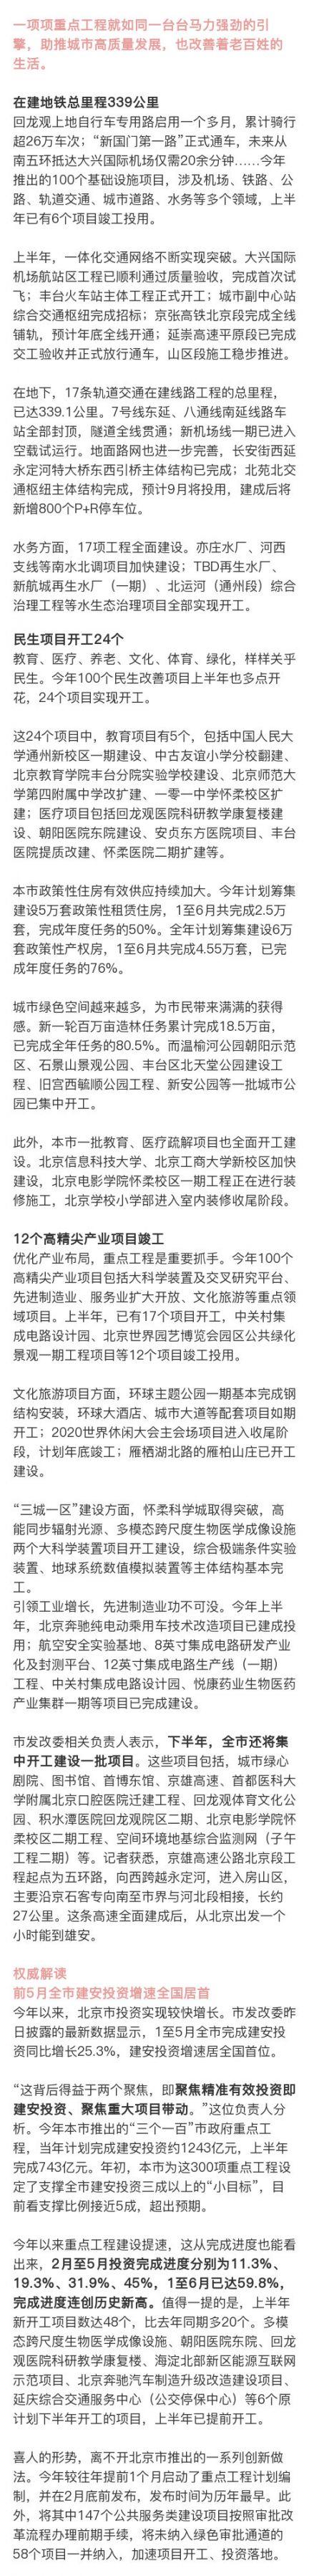 2019北京重点工程半年成绩单公布 新开工项目48个创新高